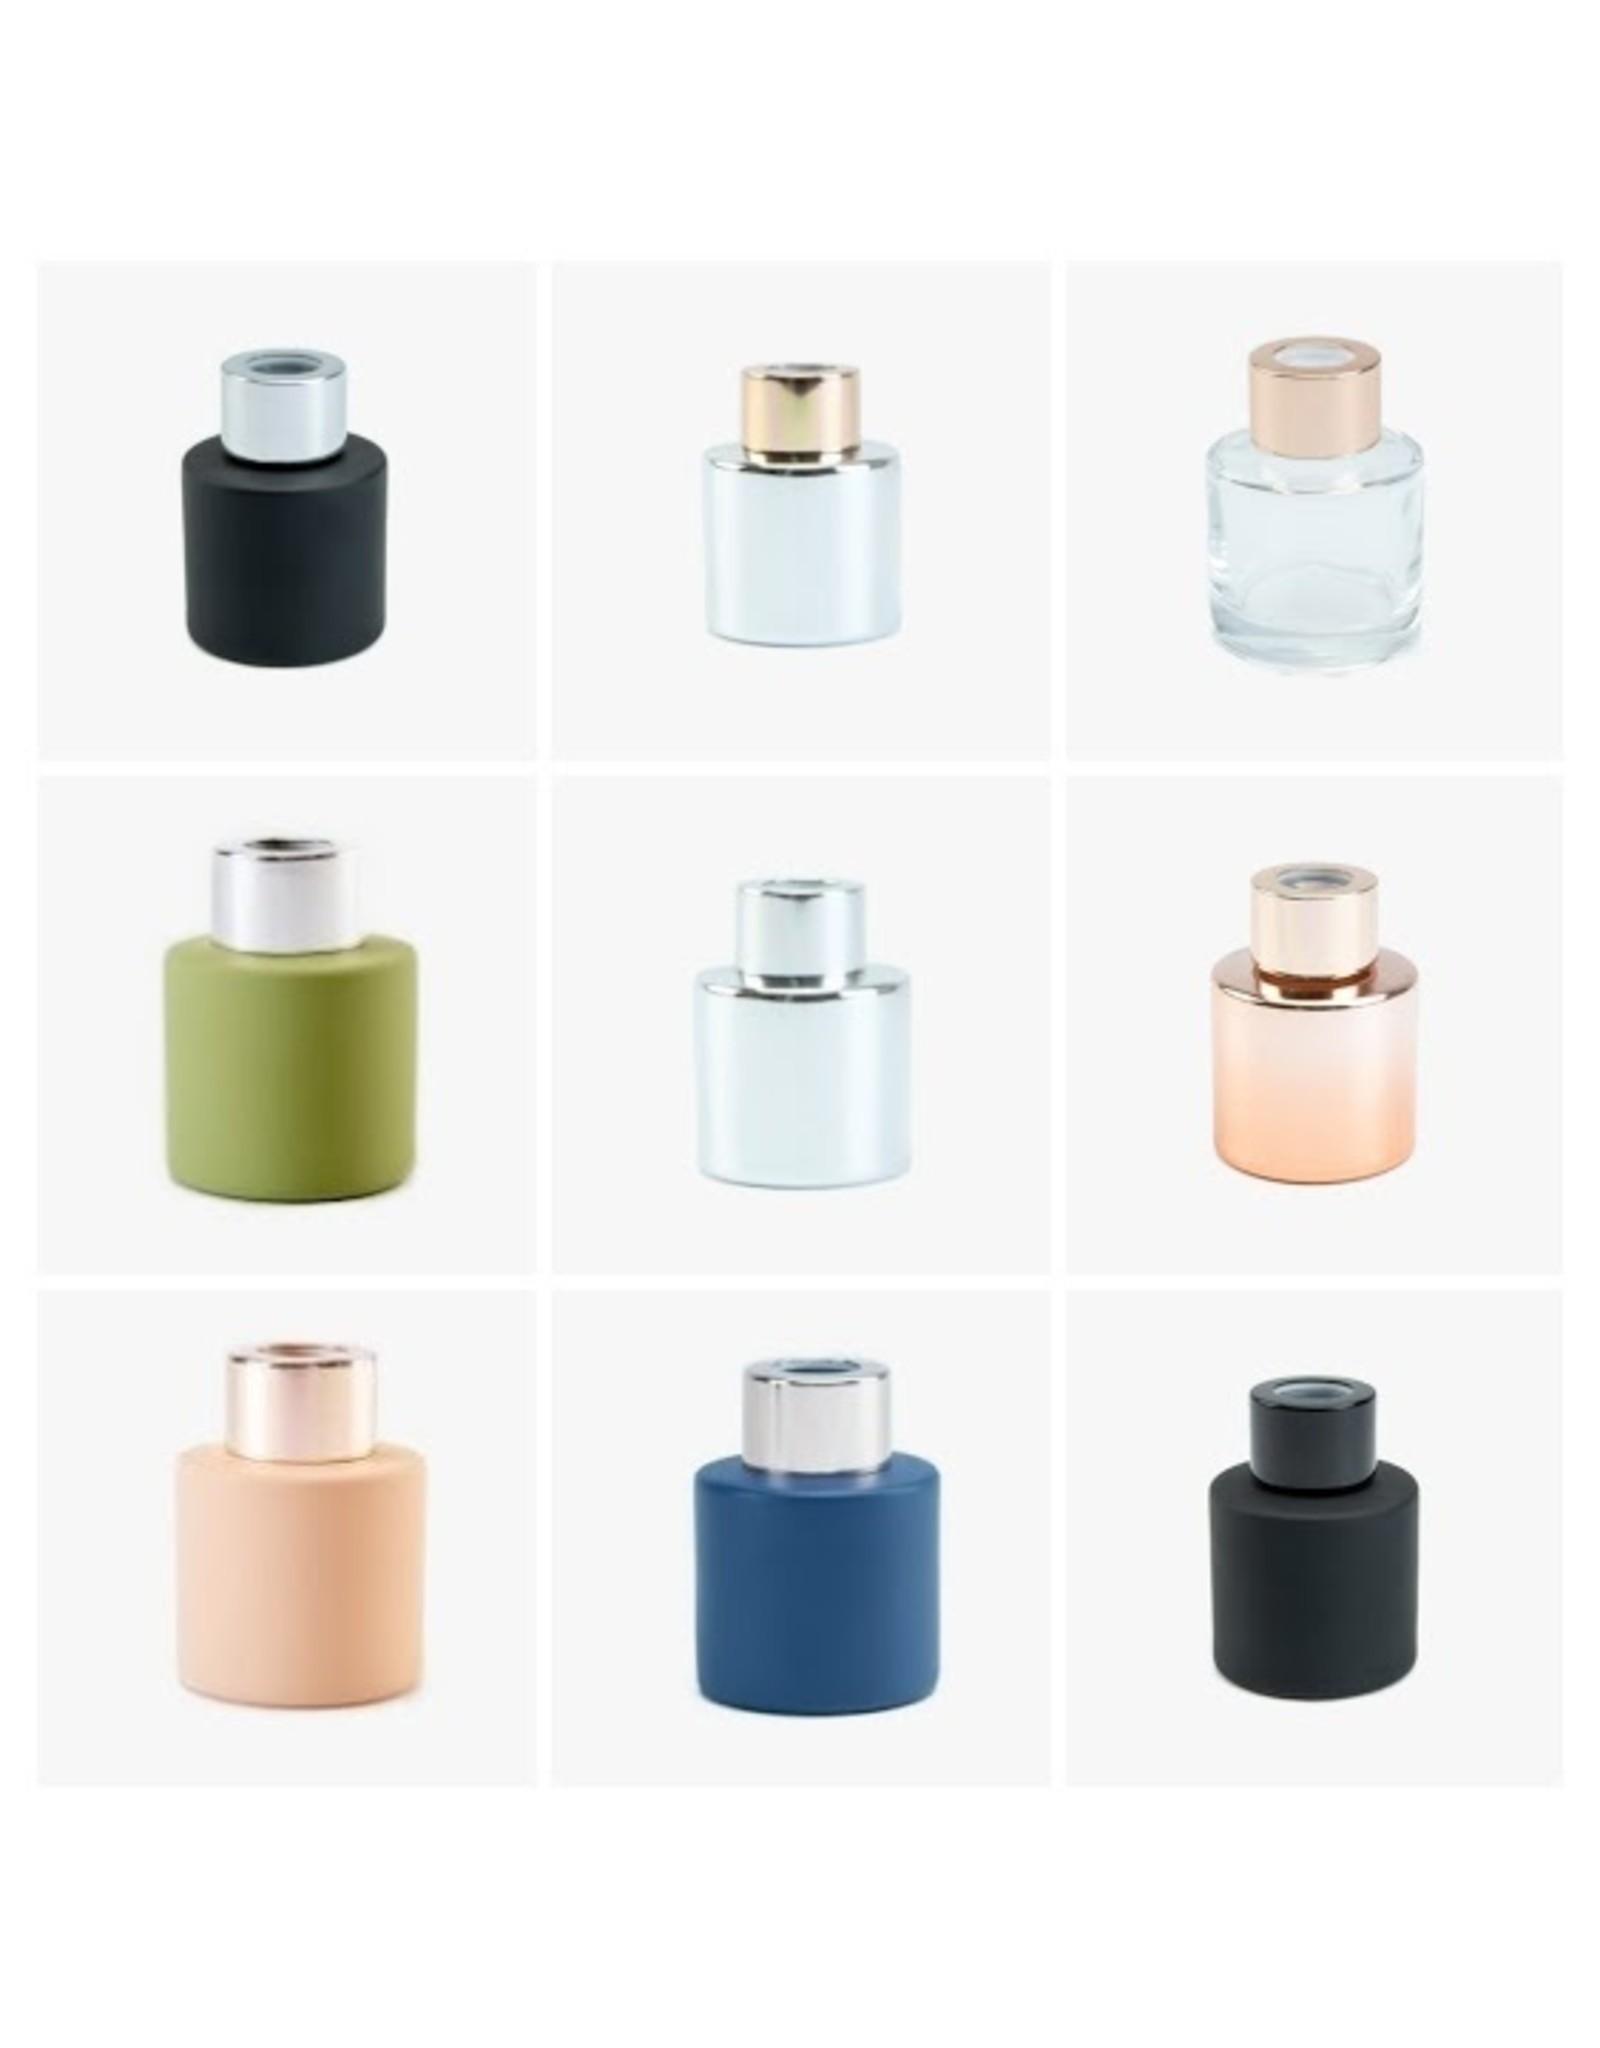 Body & Soap Geurpotje transparant/roze dop - Body & Soap